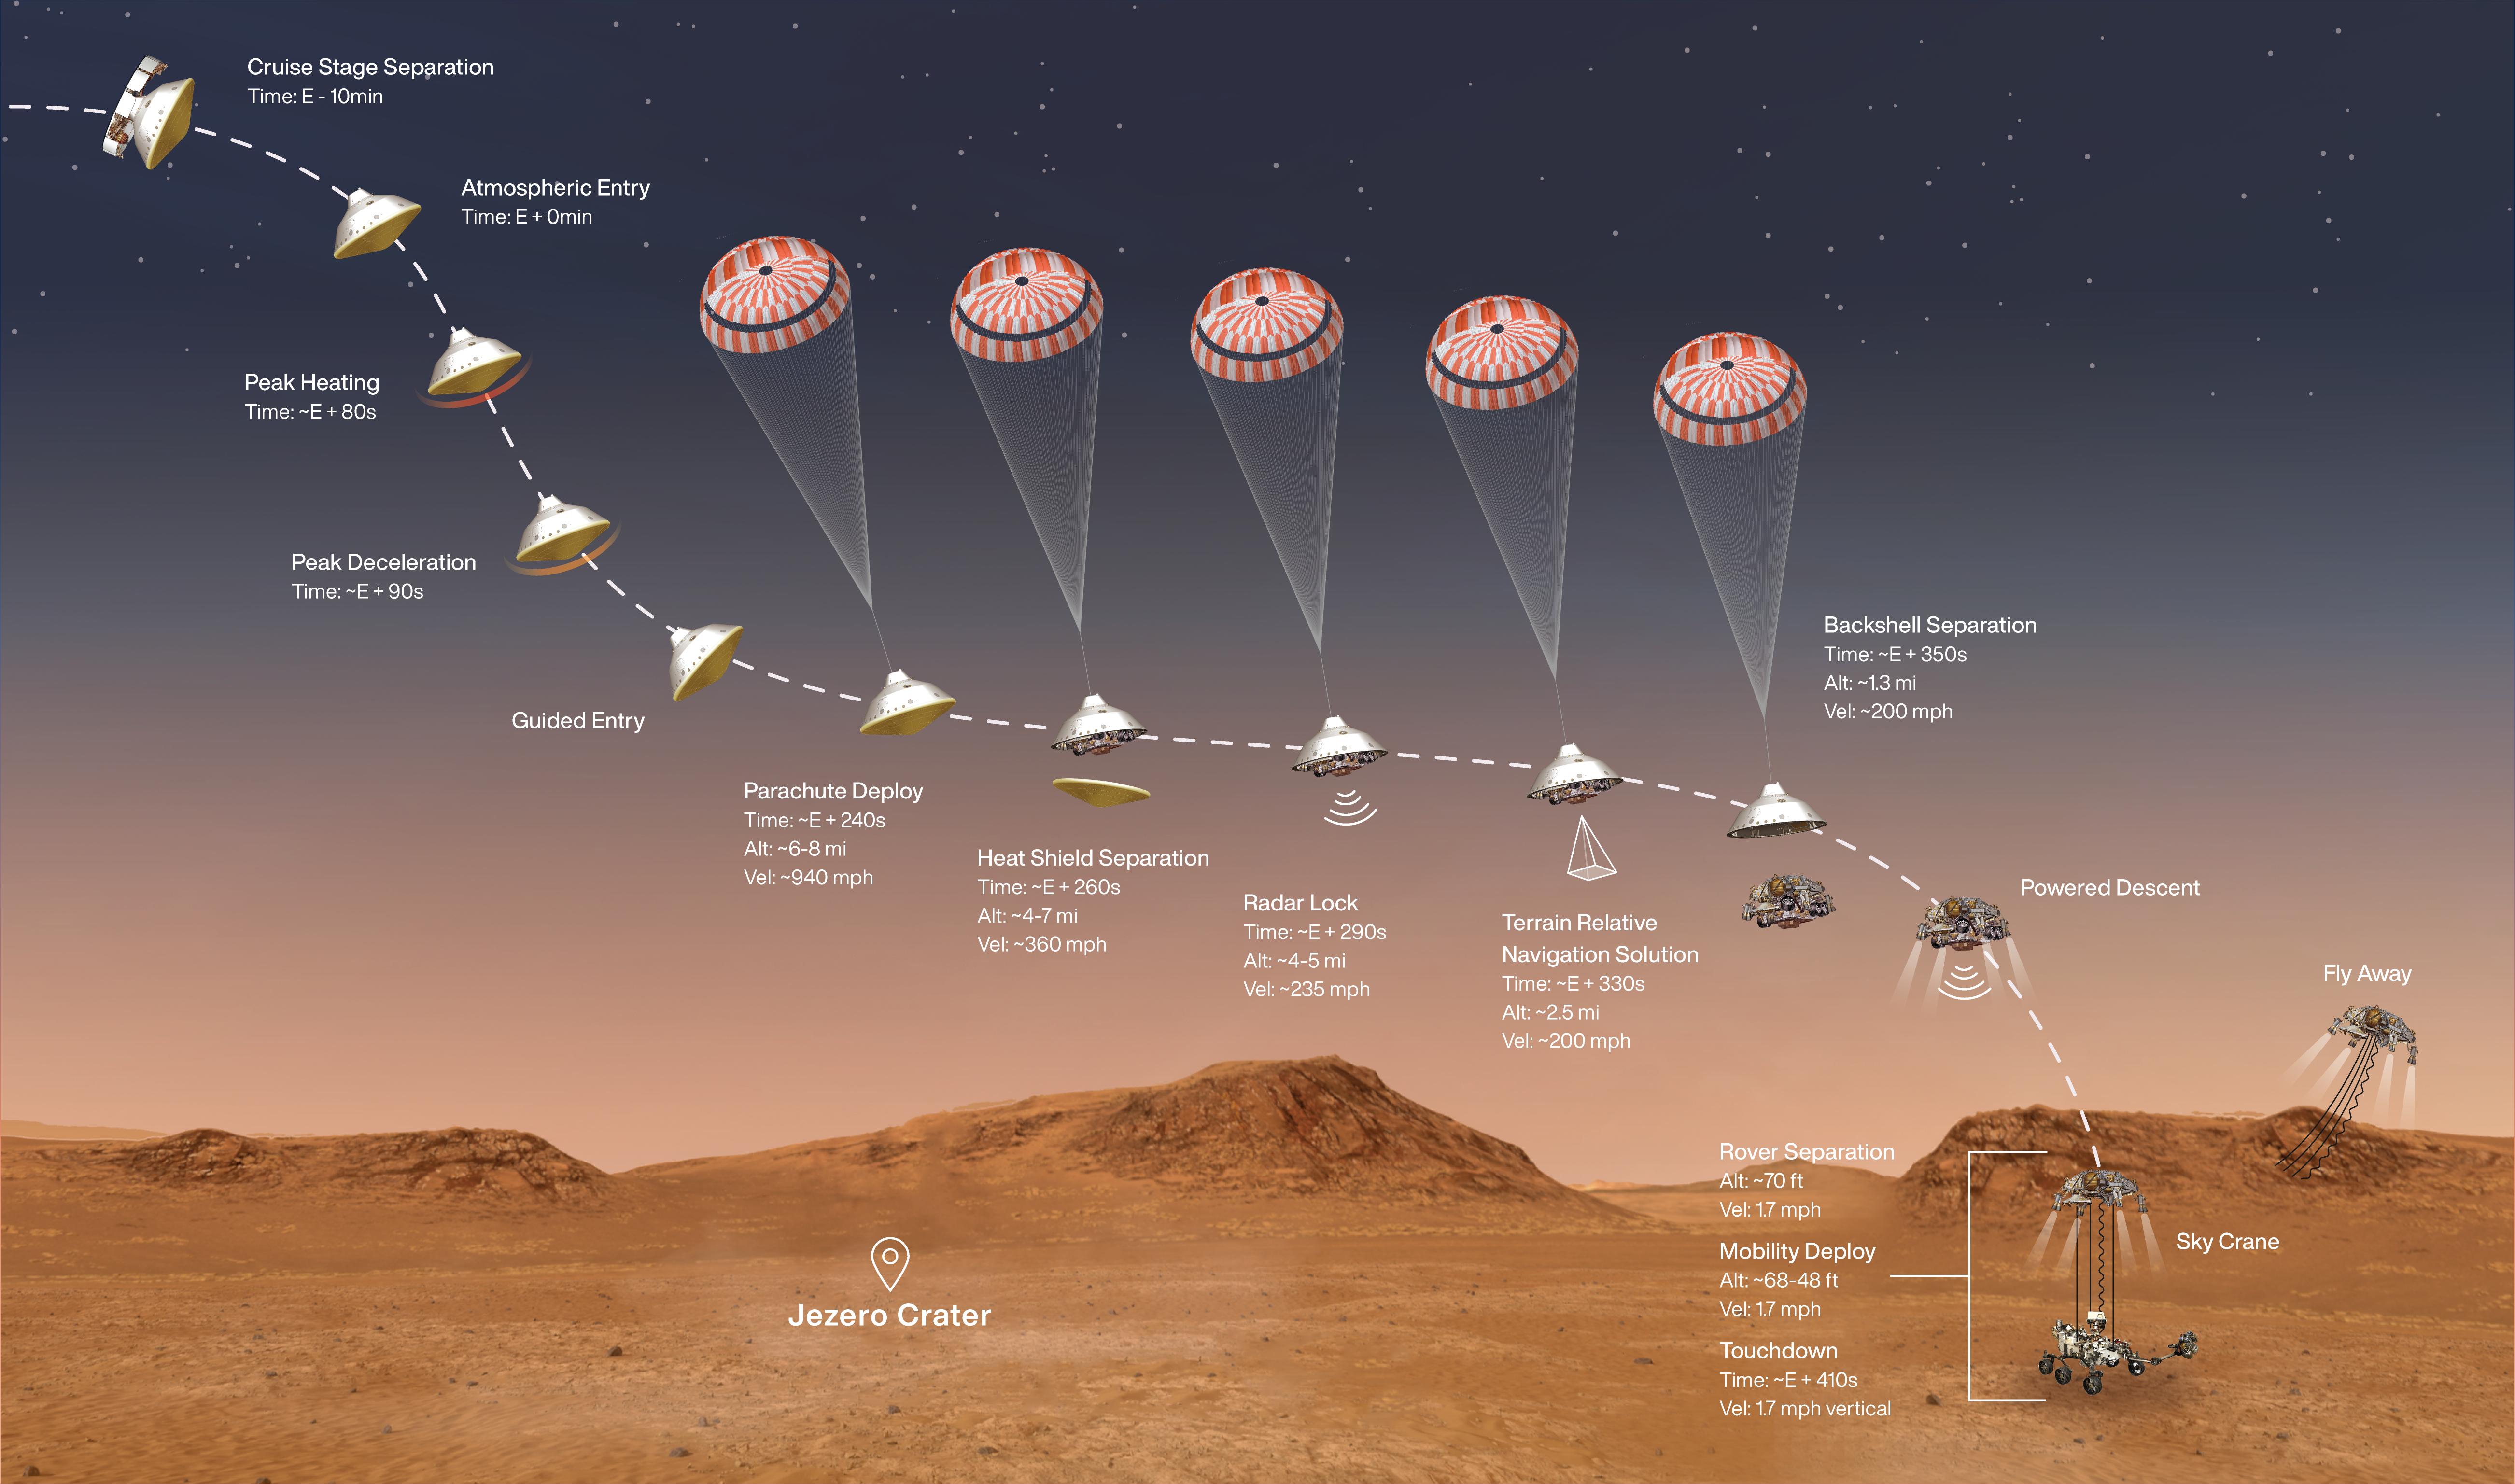 Schéma des étapes clés de la séquence d'entrée, de descente et d'atterrissage de la mission Mars 2020 du 18 février 2021.